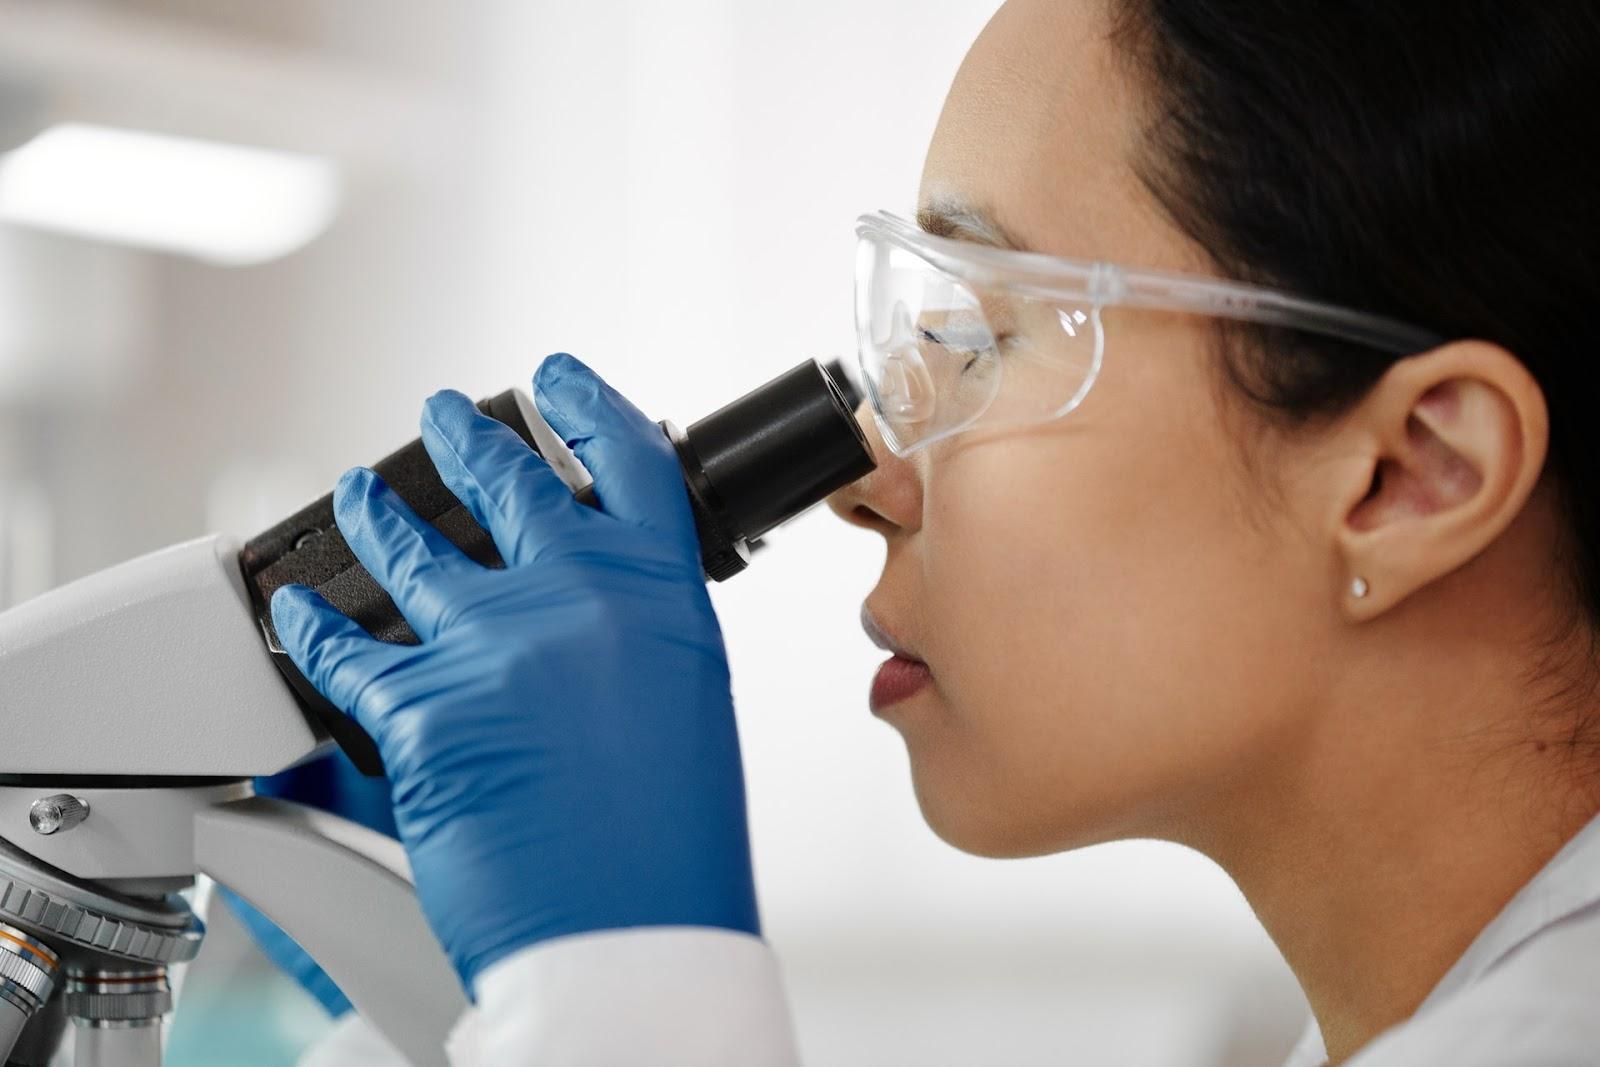 Pesquisas iniciadas em 1990 chegaram aos resultados esperados em 2019, durante o desenvolvimento da vacina para Covid-19  (Fonte: Edward Jenner/Pexels)